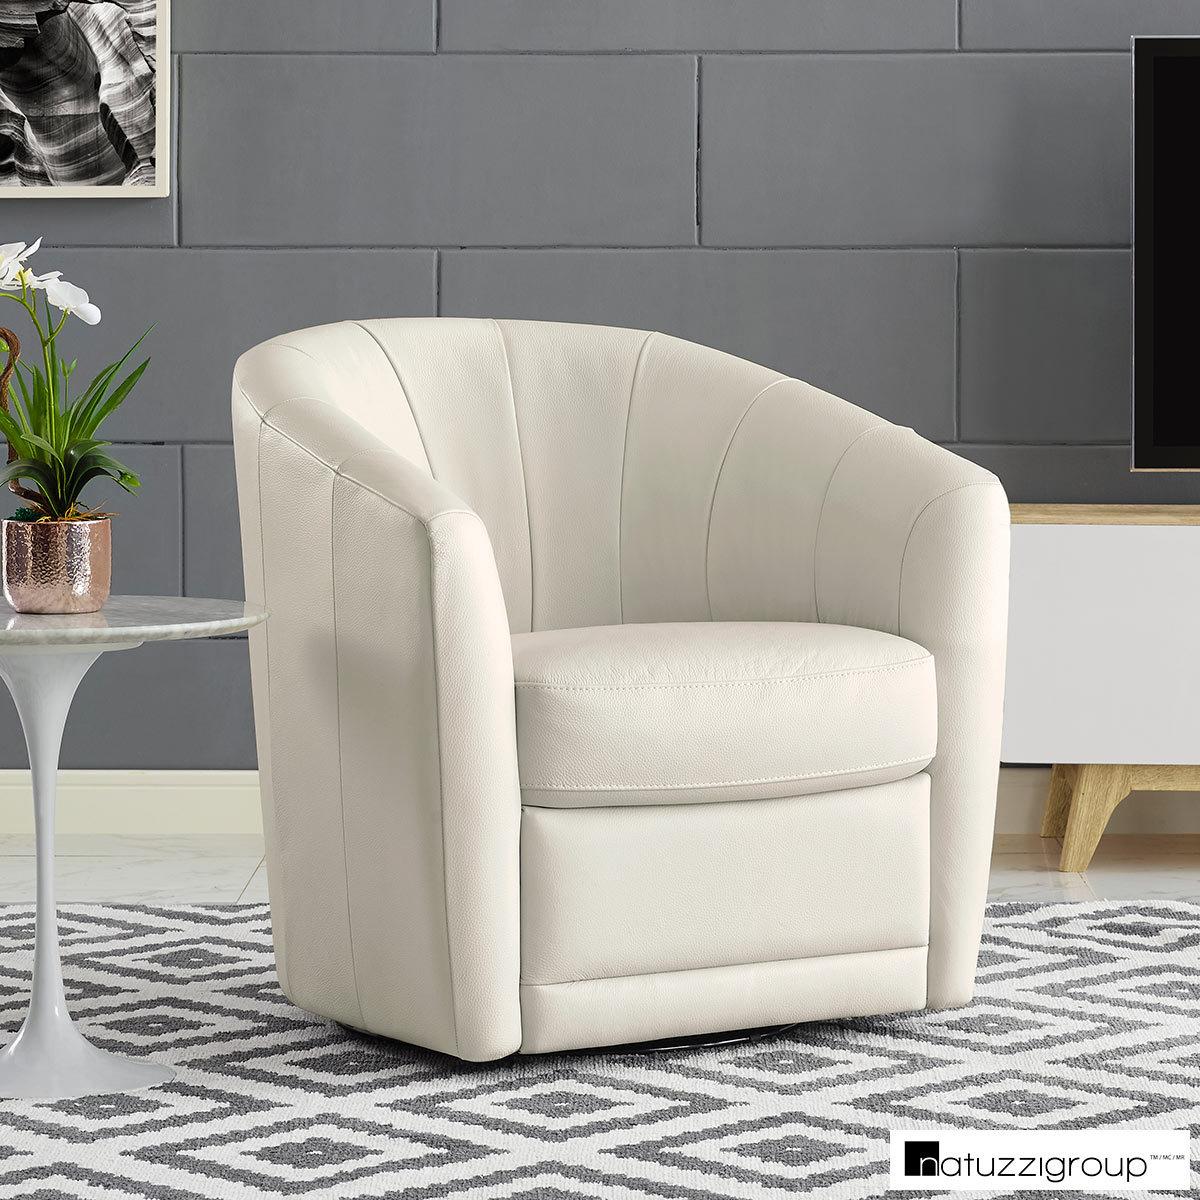 Natuzzi Cream Leather Swivel Accent Chair Costco Uk